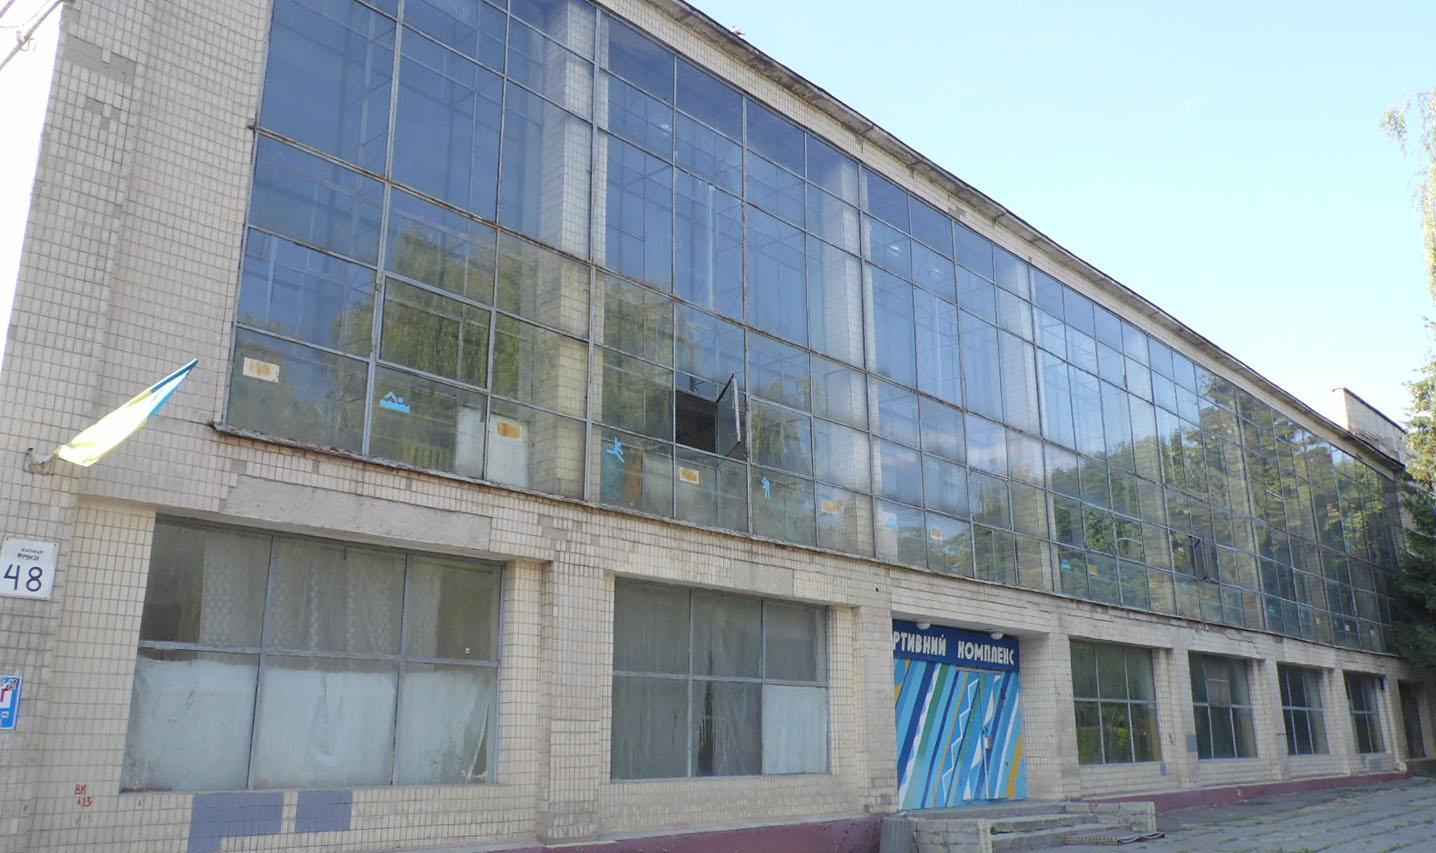 Вінницький СКА відремонтують за майже 45 мільйонів гривень